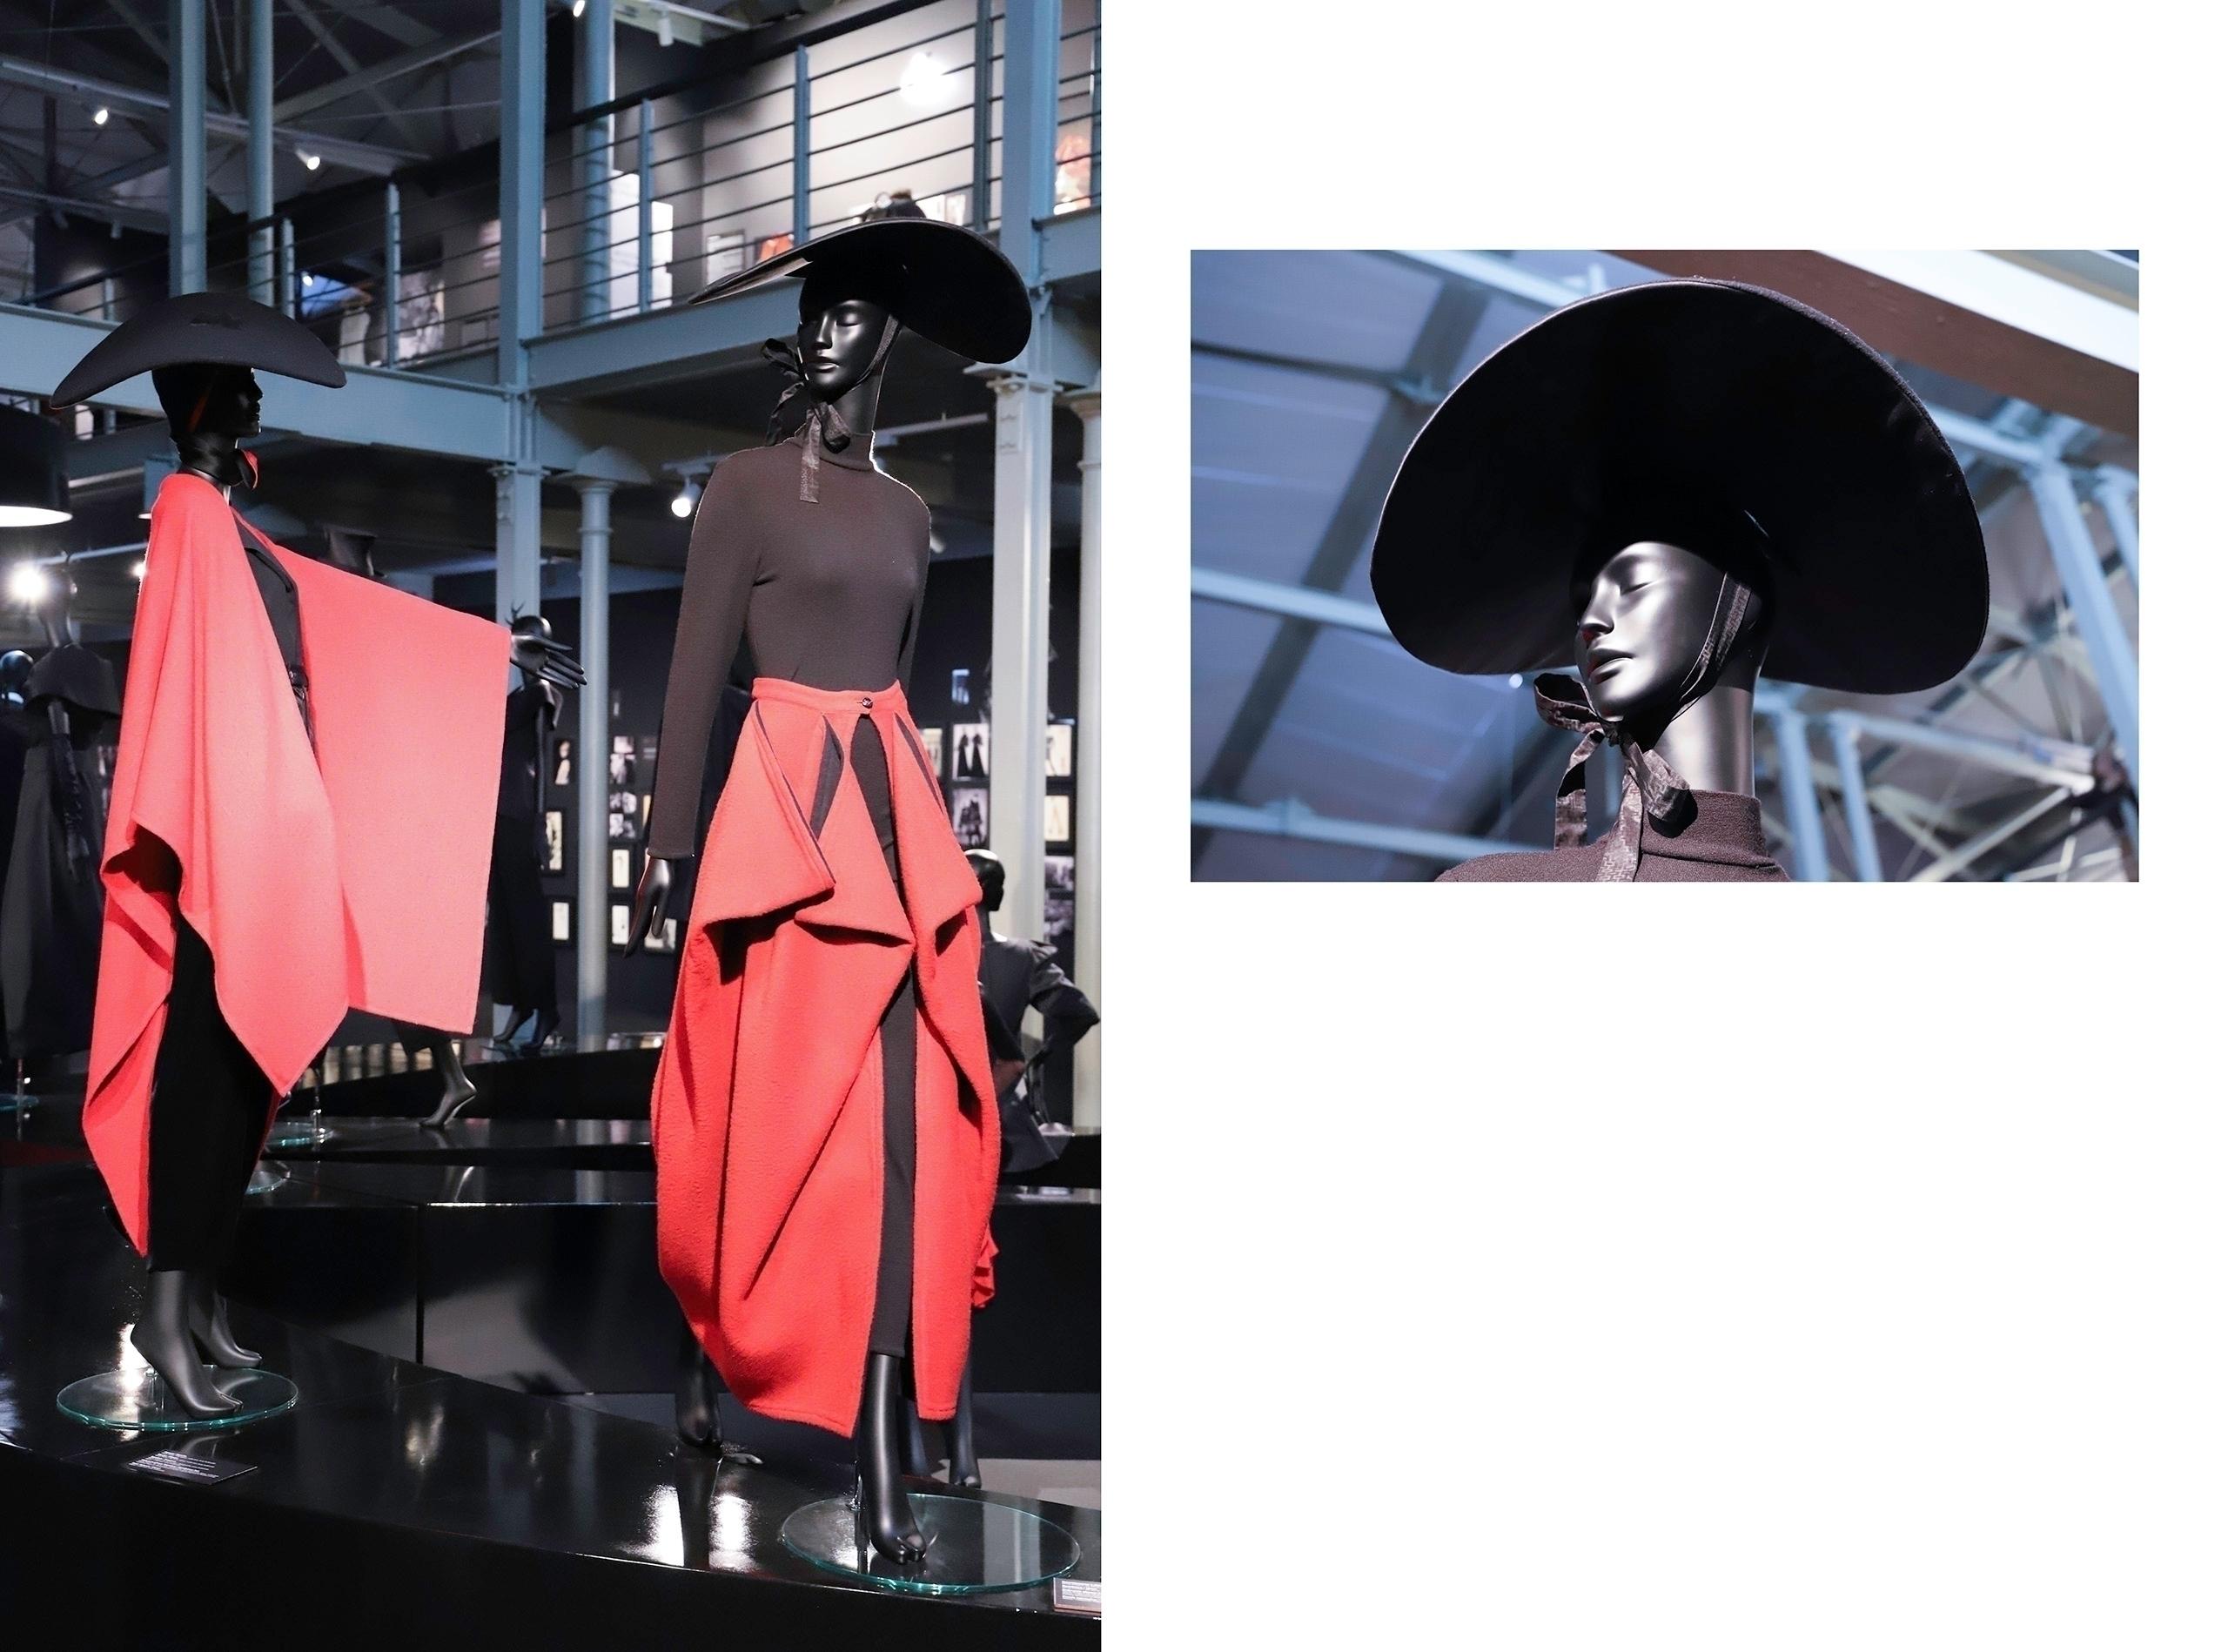 Obraz przedstawia dwa zdjęcia manekinów ubranych na czarno-czerwono. Oboje mają na głowach kapelusze z dużym rondem.